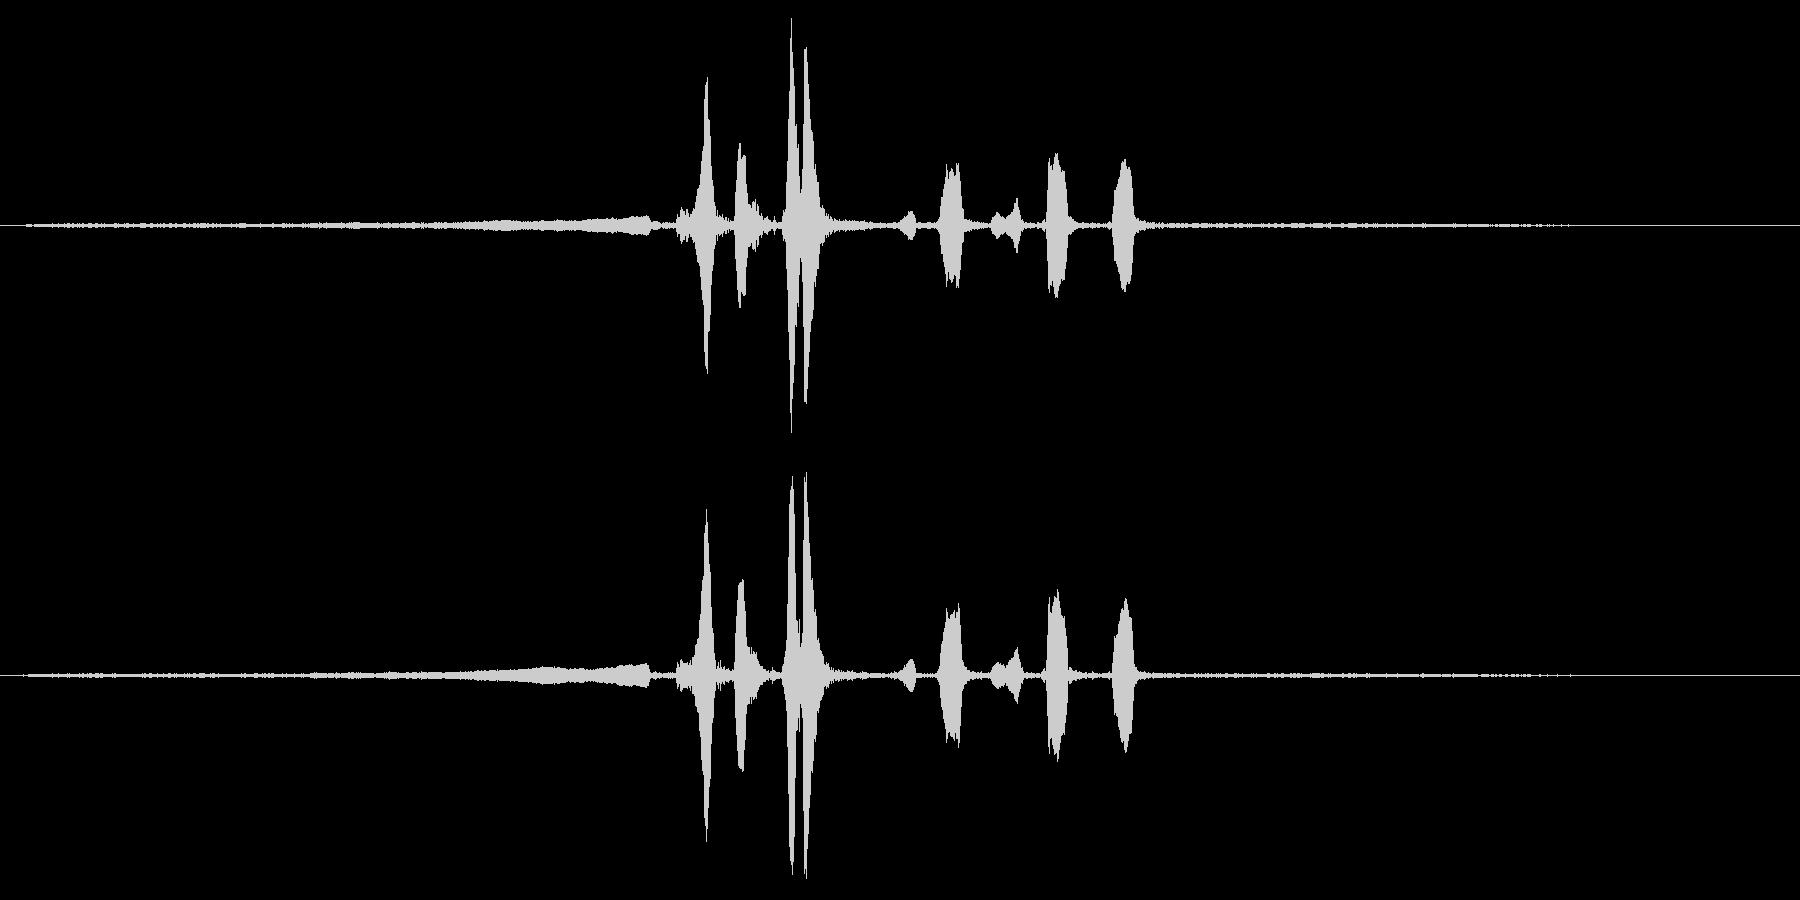 ウグイスの鳴き声の未再生の波形